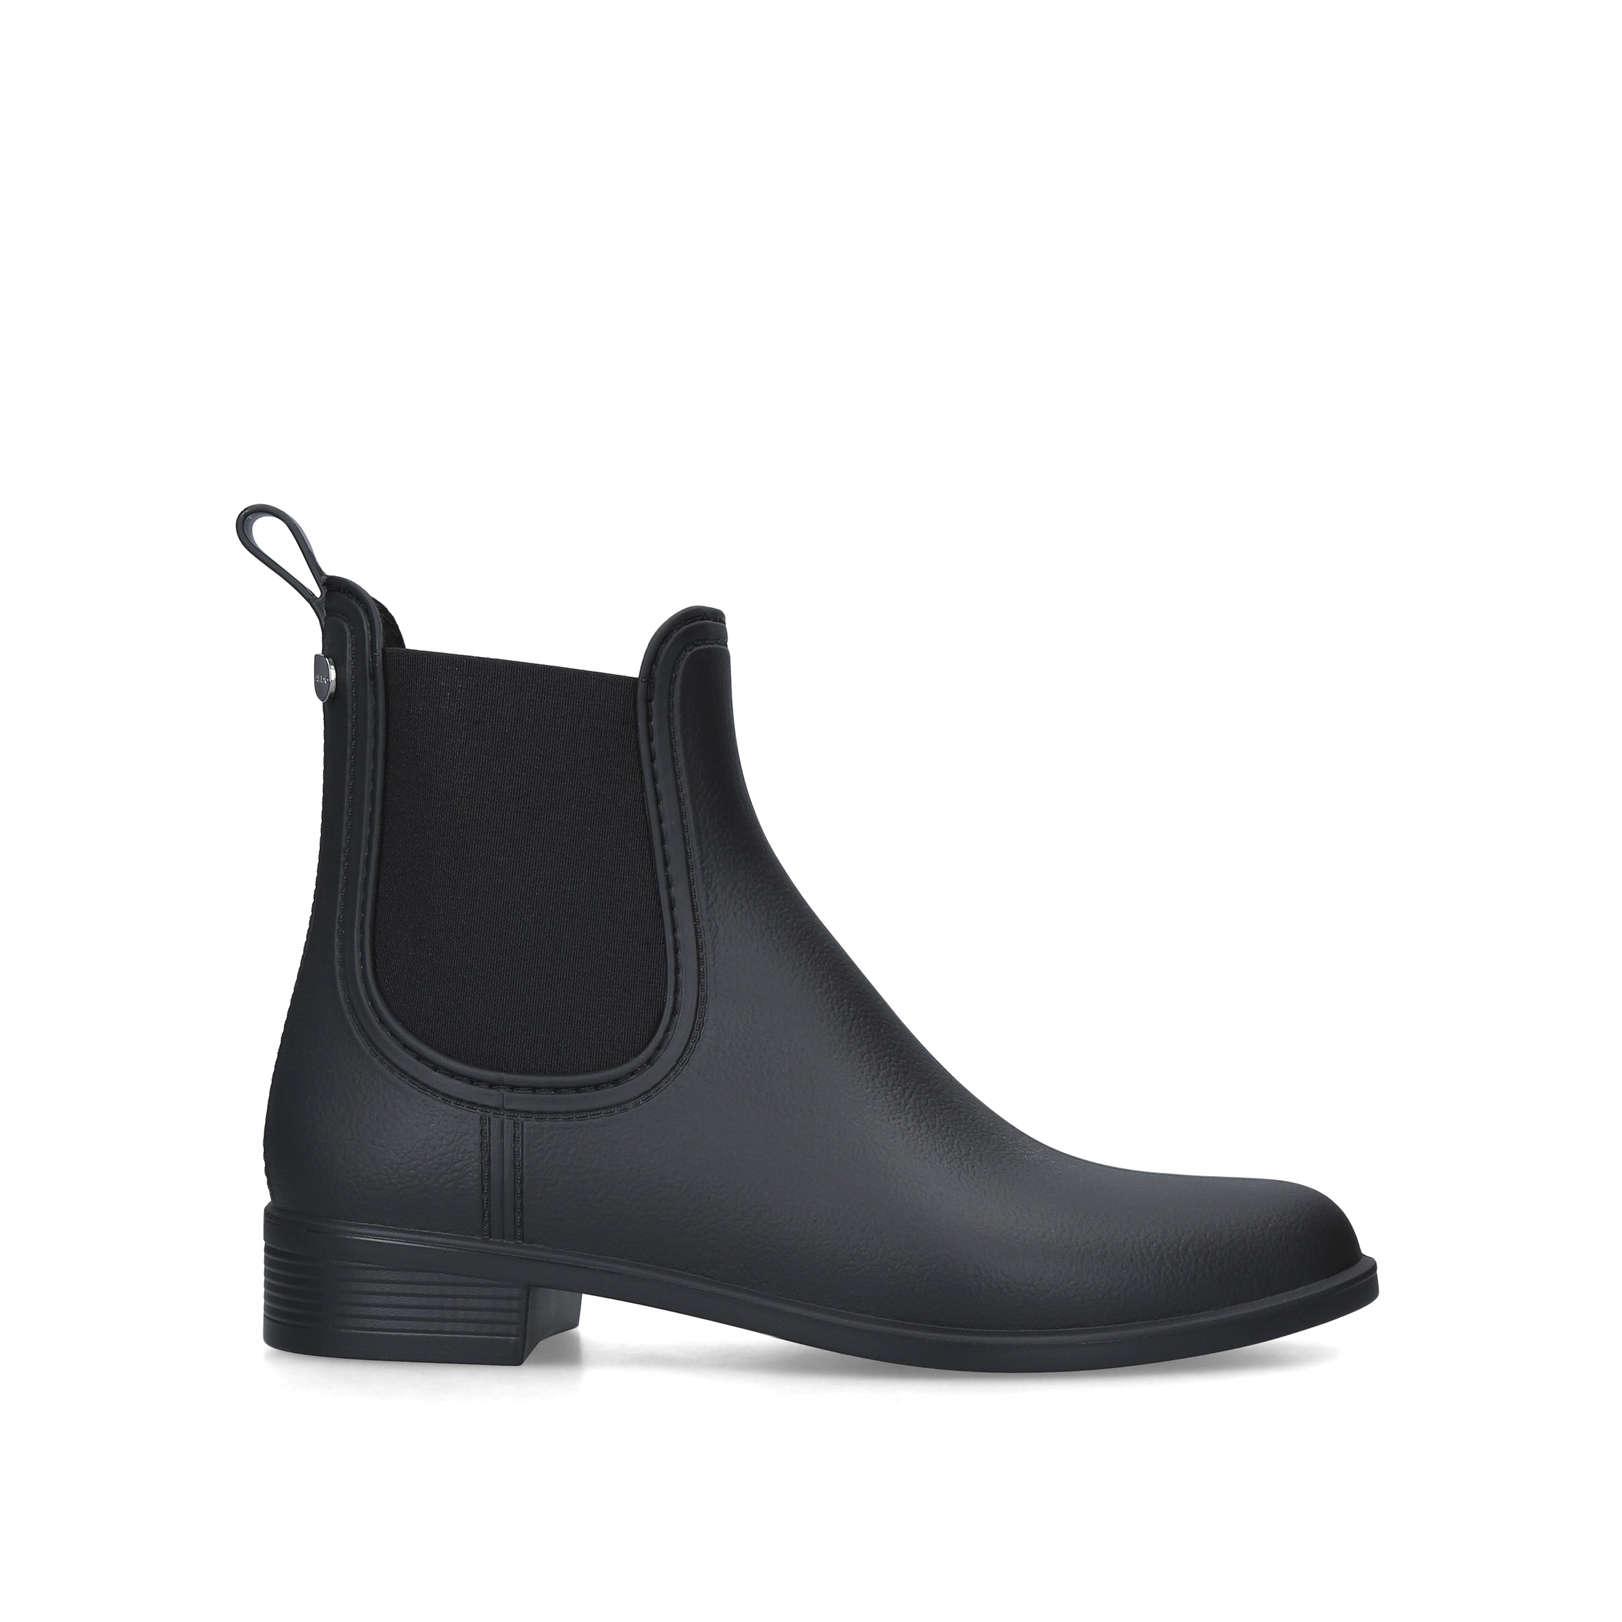 BRILASEN - ALDO Ankle Boots